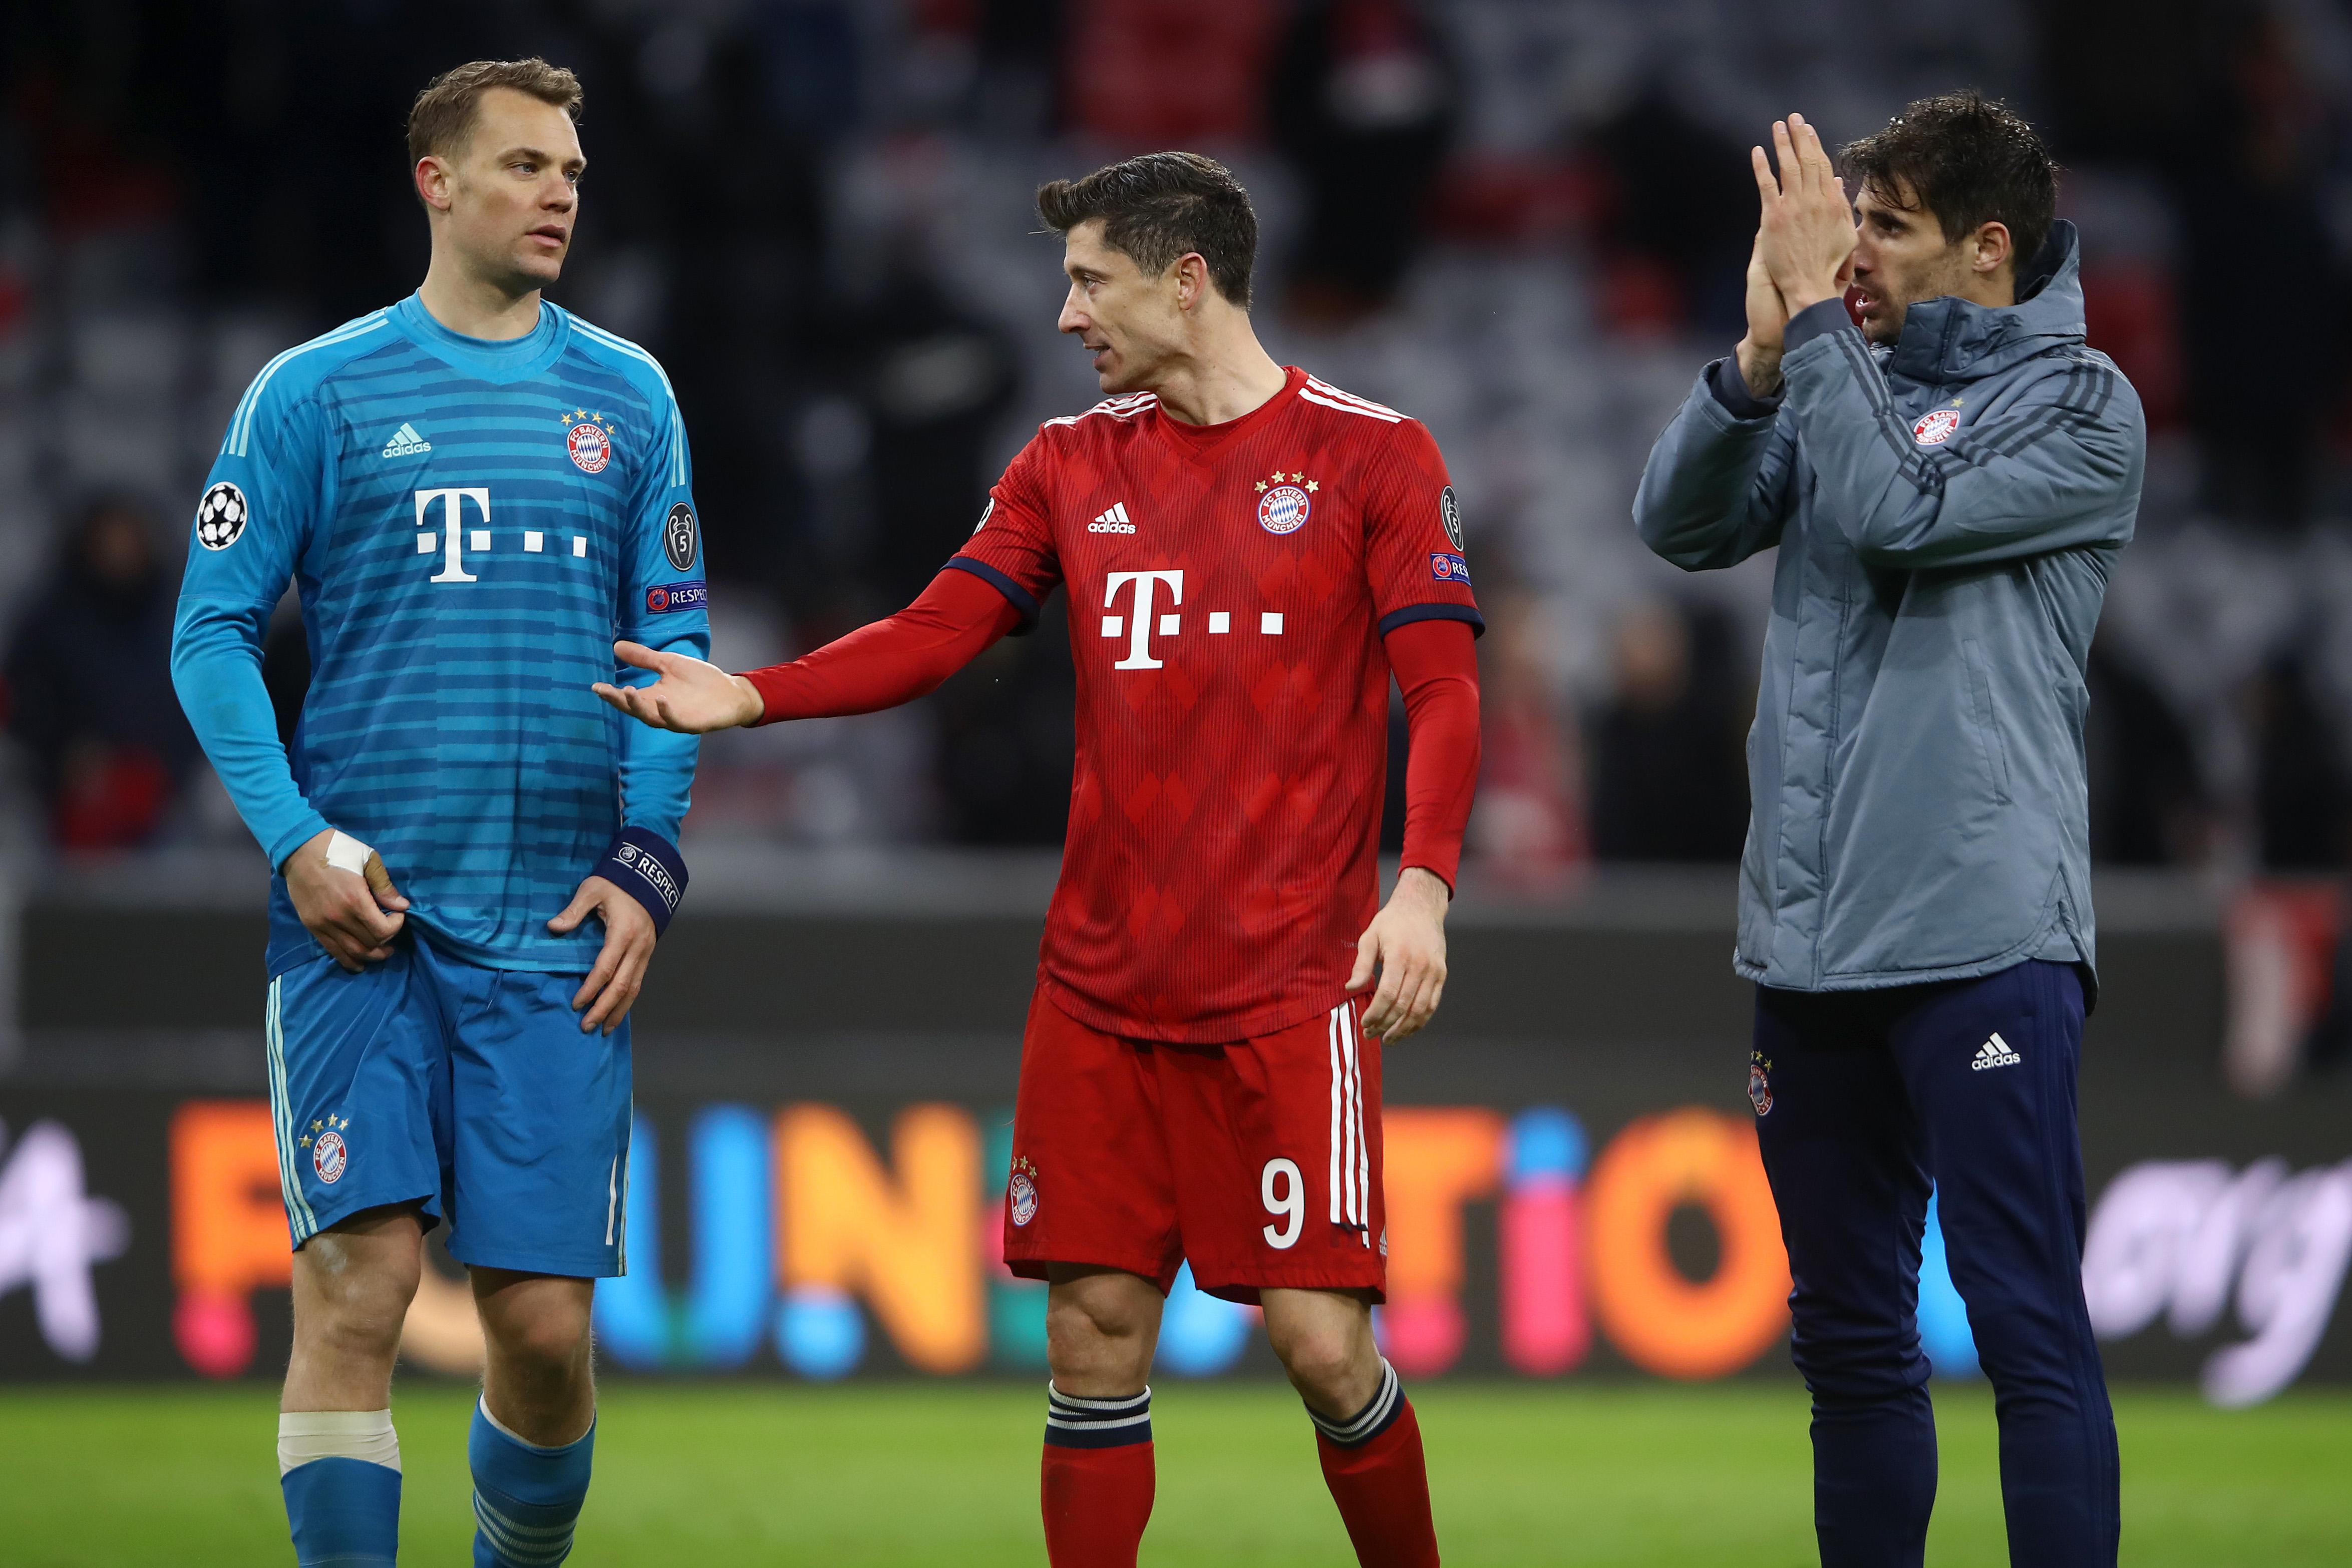 Немецкая футбольная бундеслига в лигу чемпионов